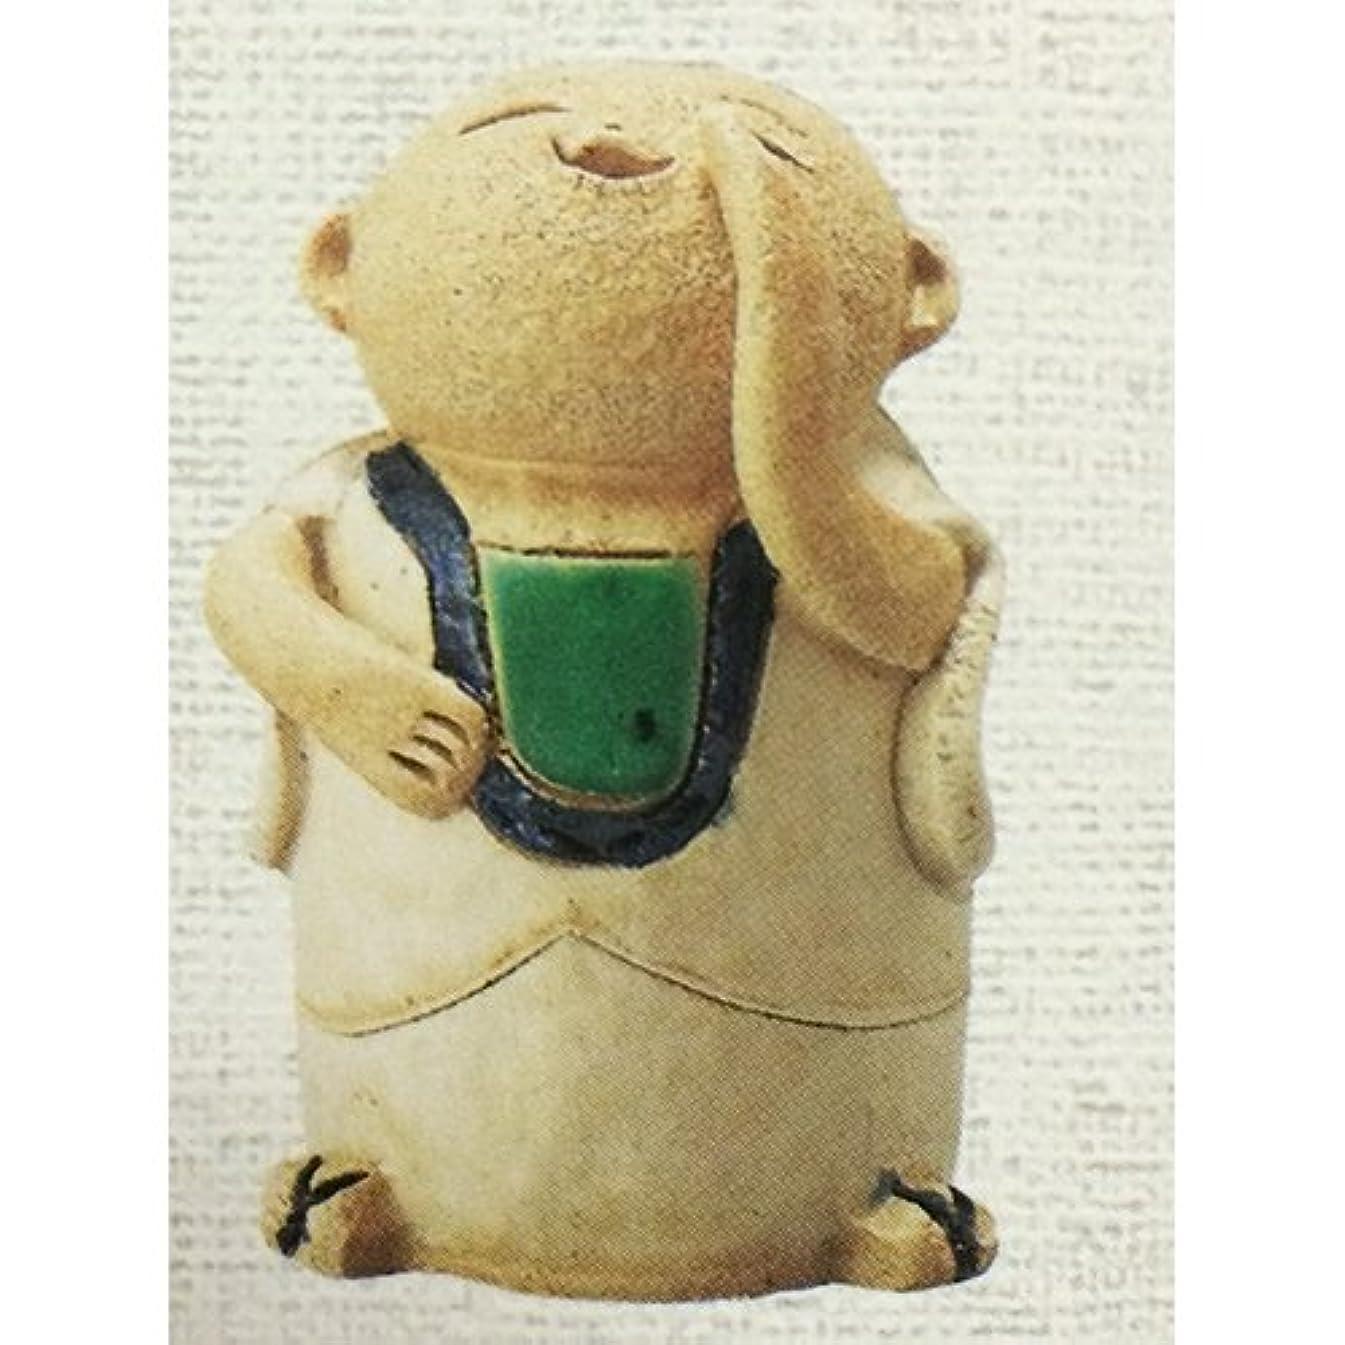 分泌するボイラーチキンお地蔵さん 呼び掛け地蔵 香炉(小) [R6xH10cm] HANDMADE プレゼント ギフト 和食器 かわいい インテリア